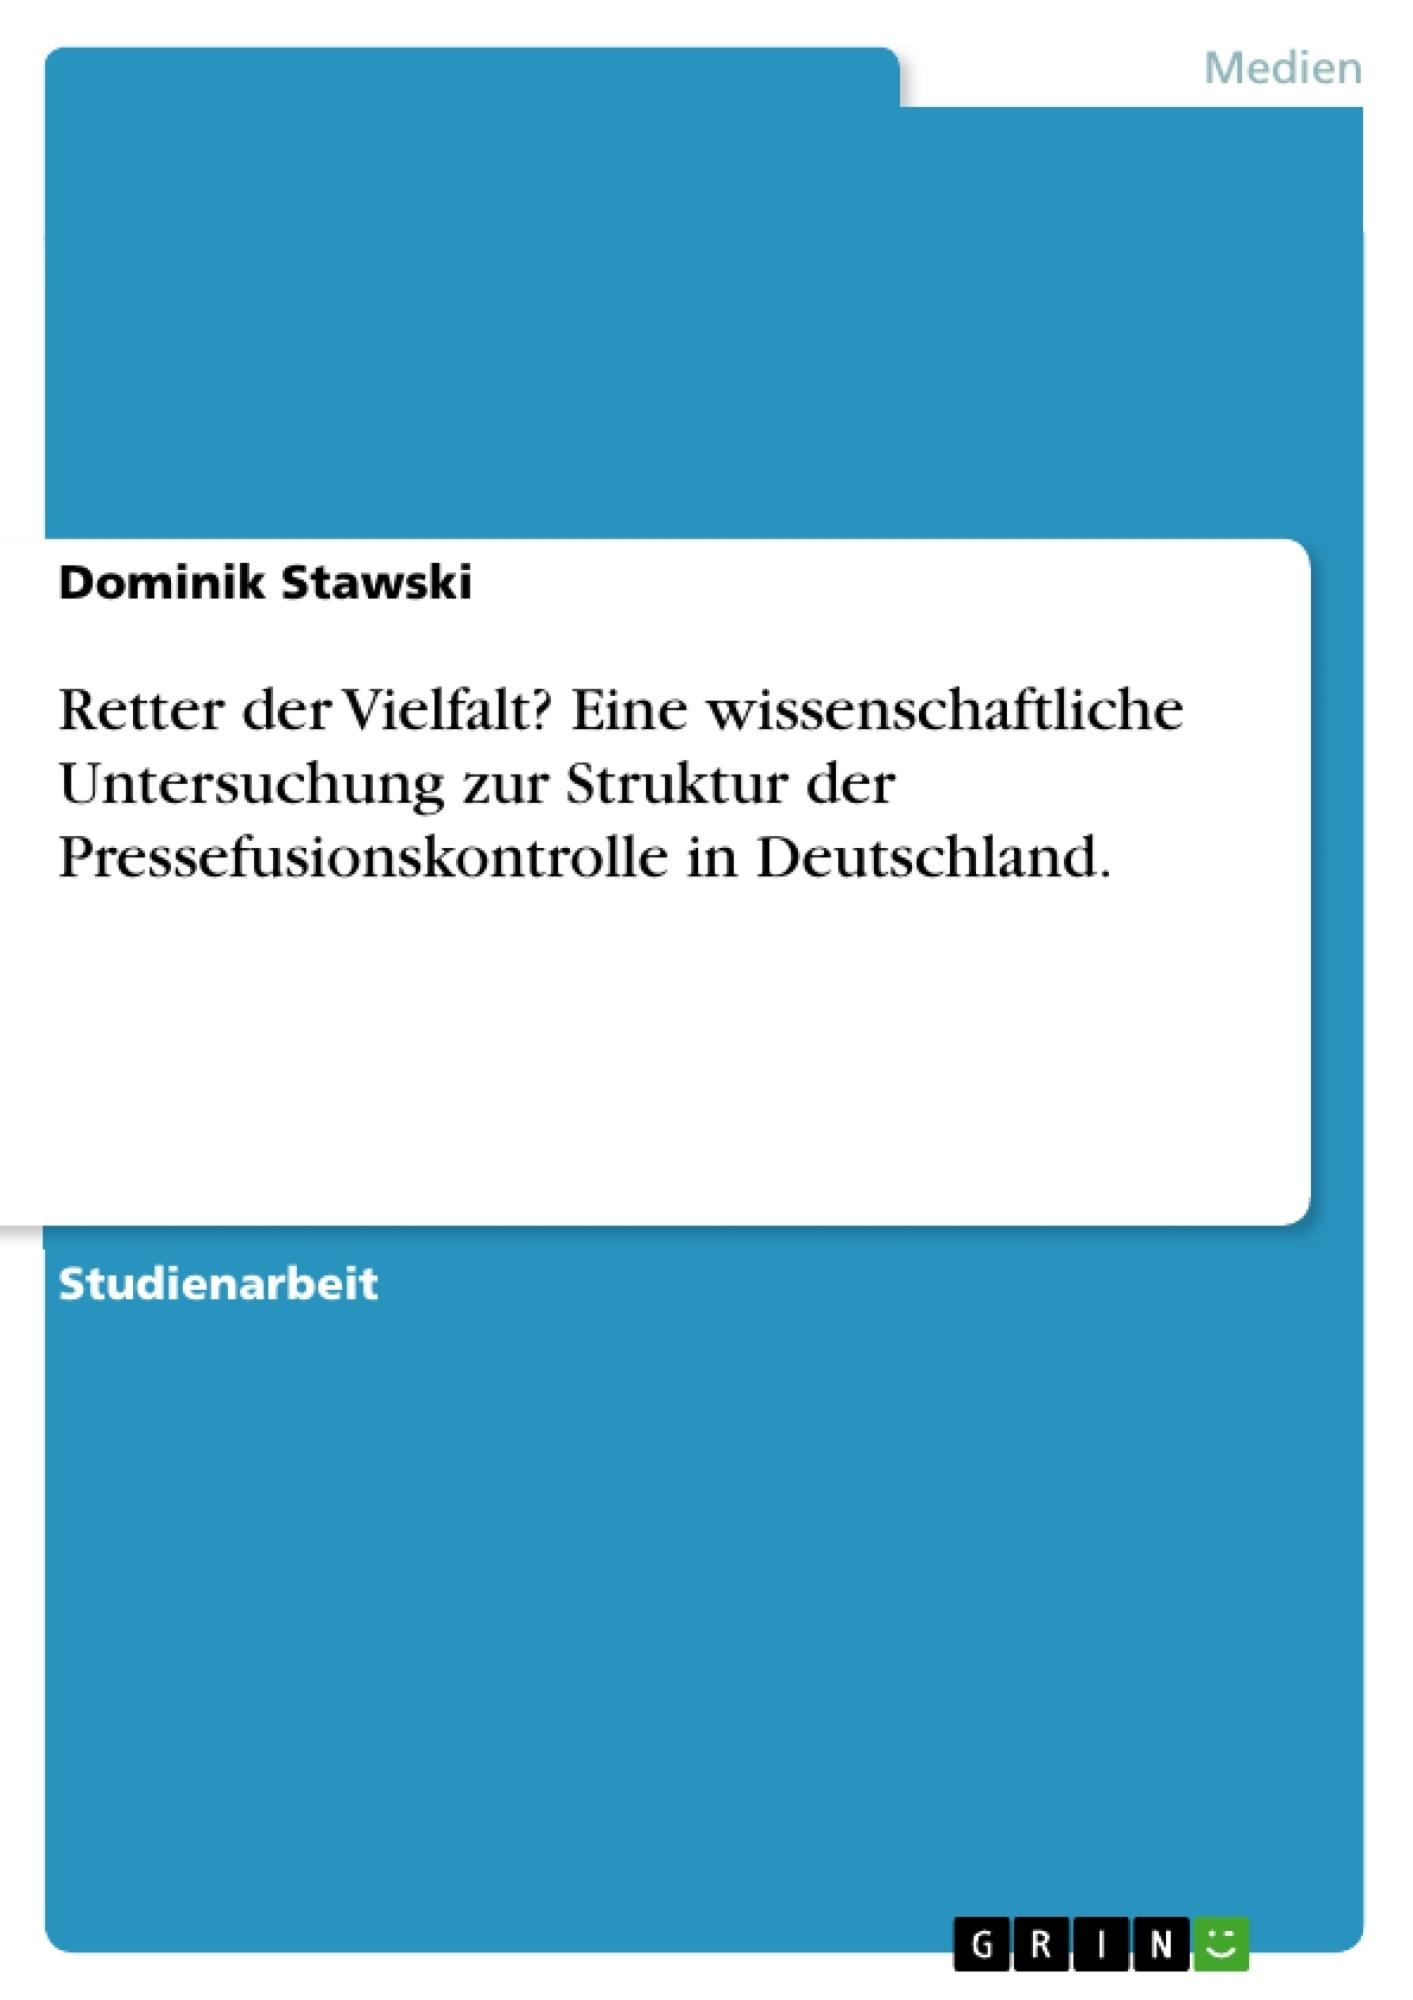 Titel: Retter der Vielfalt? Eine wissenschaftliche Untersuchung zur Struktur der Pressefusionskontrolle in Deutschland.